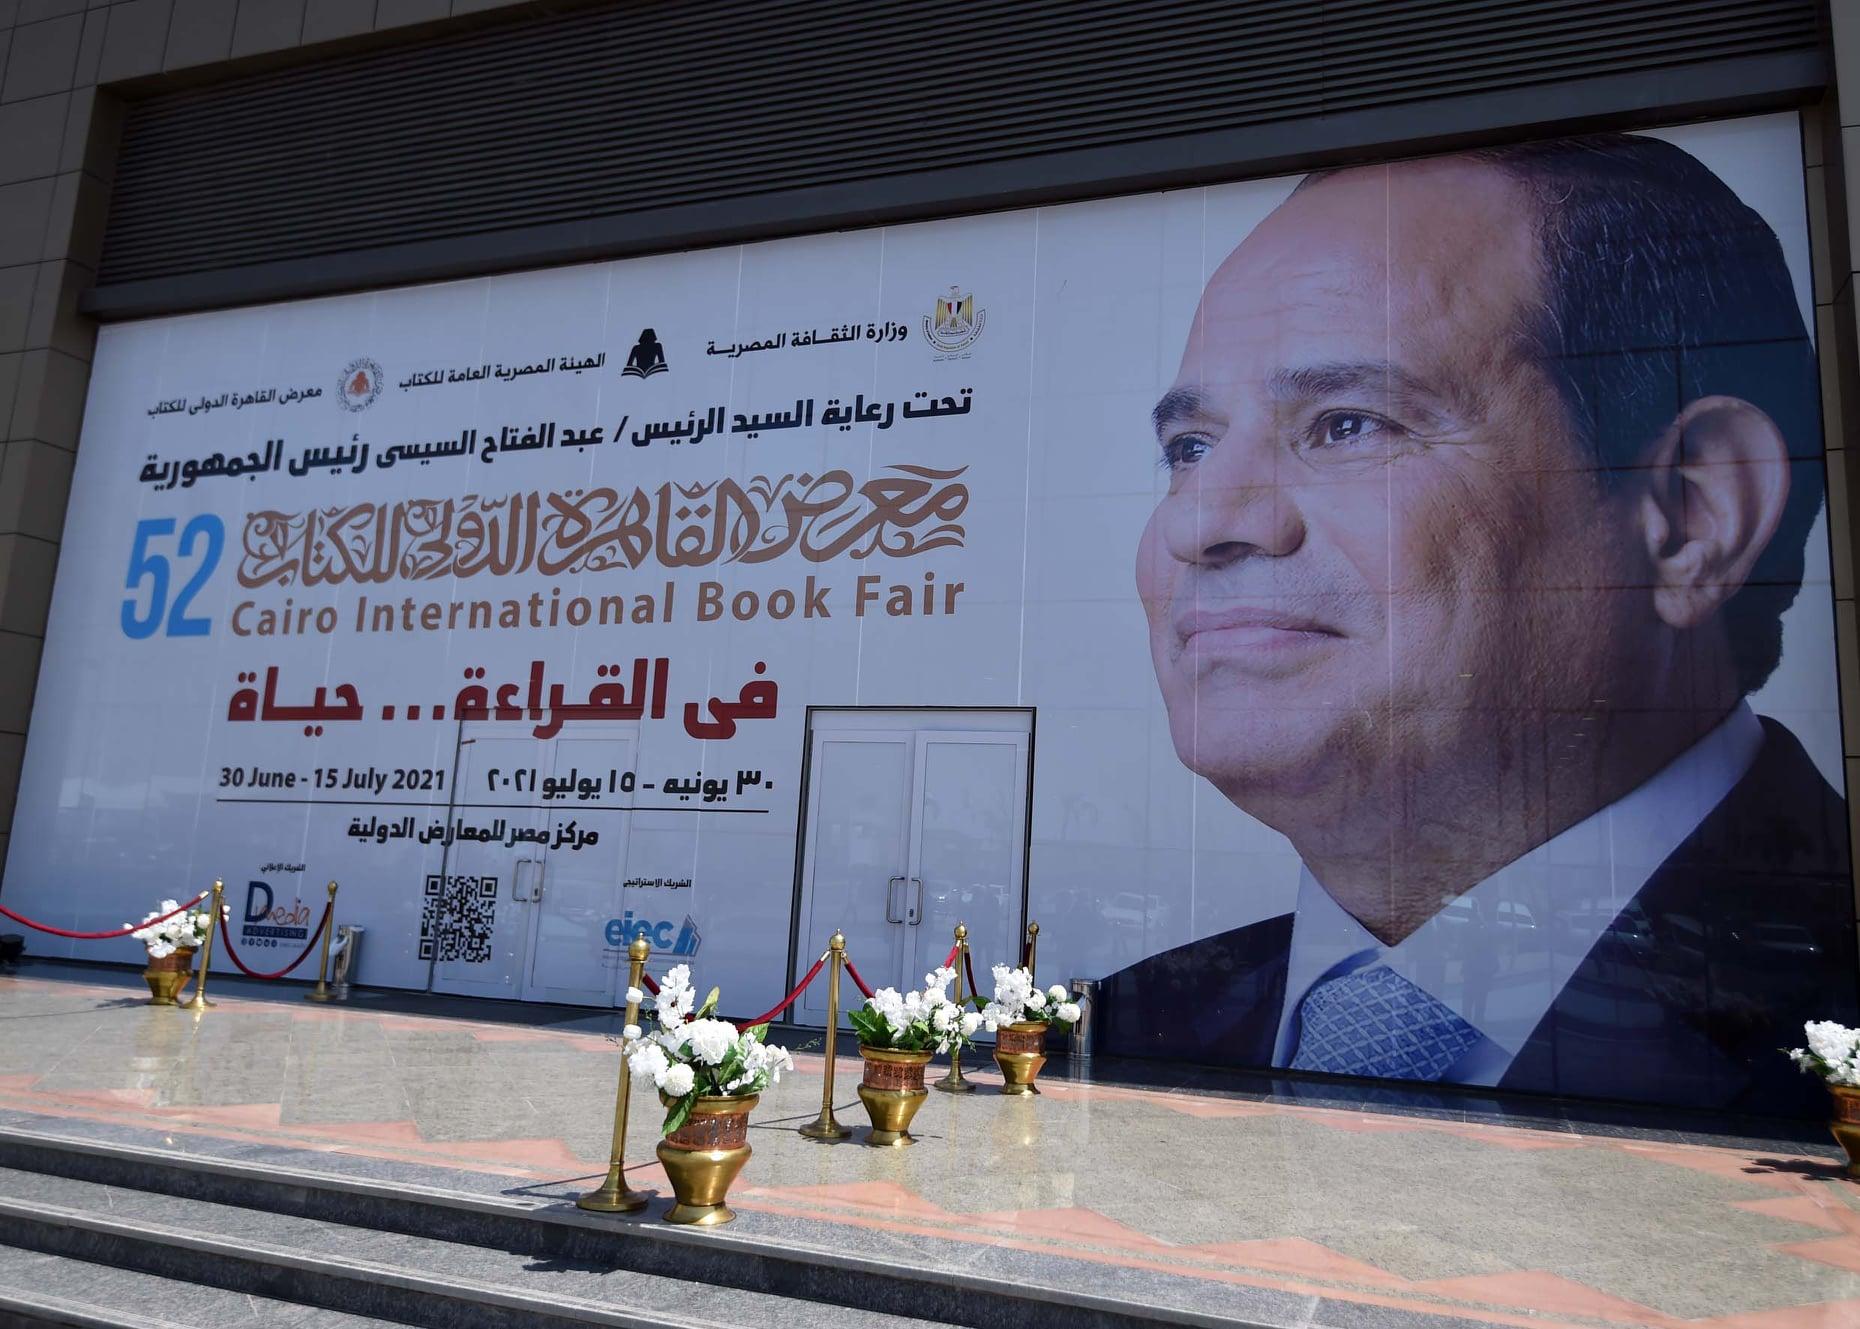 مدبولي يشارك طارق شوقي افتتاح جناح التعليم بمعرض الكتاب